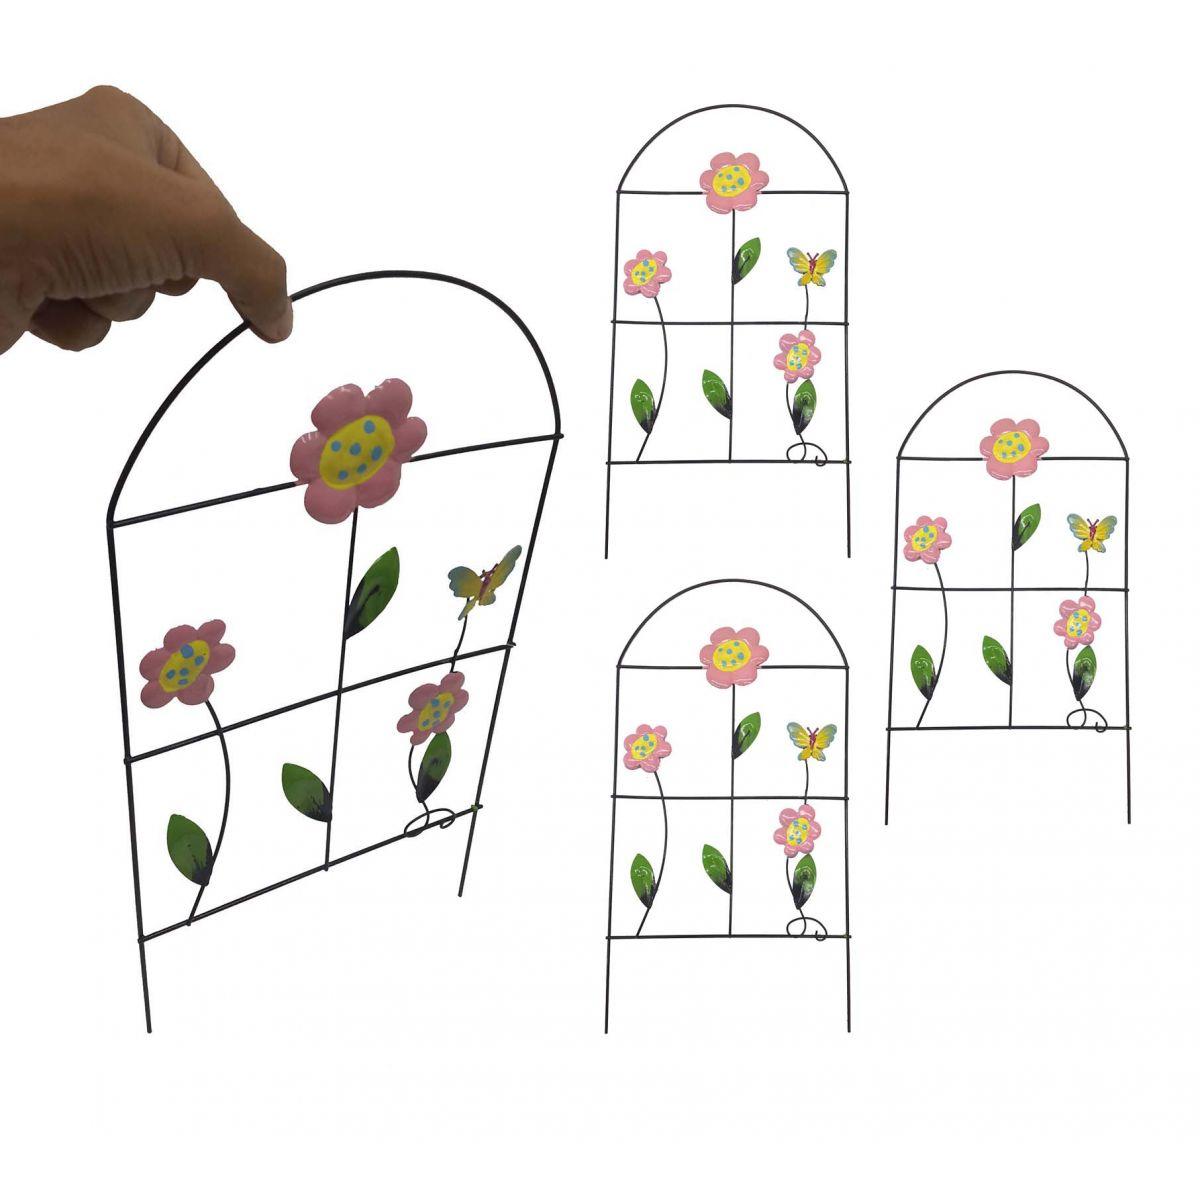 Enfeite Jardim de Ferro Grade Para Jardim Borboleta Casa Decoraçao Flor Rosa Com 4 (JARD-60)